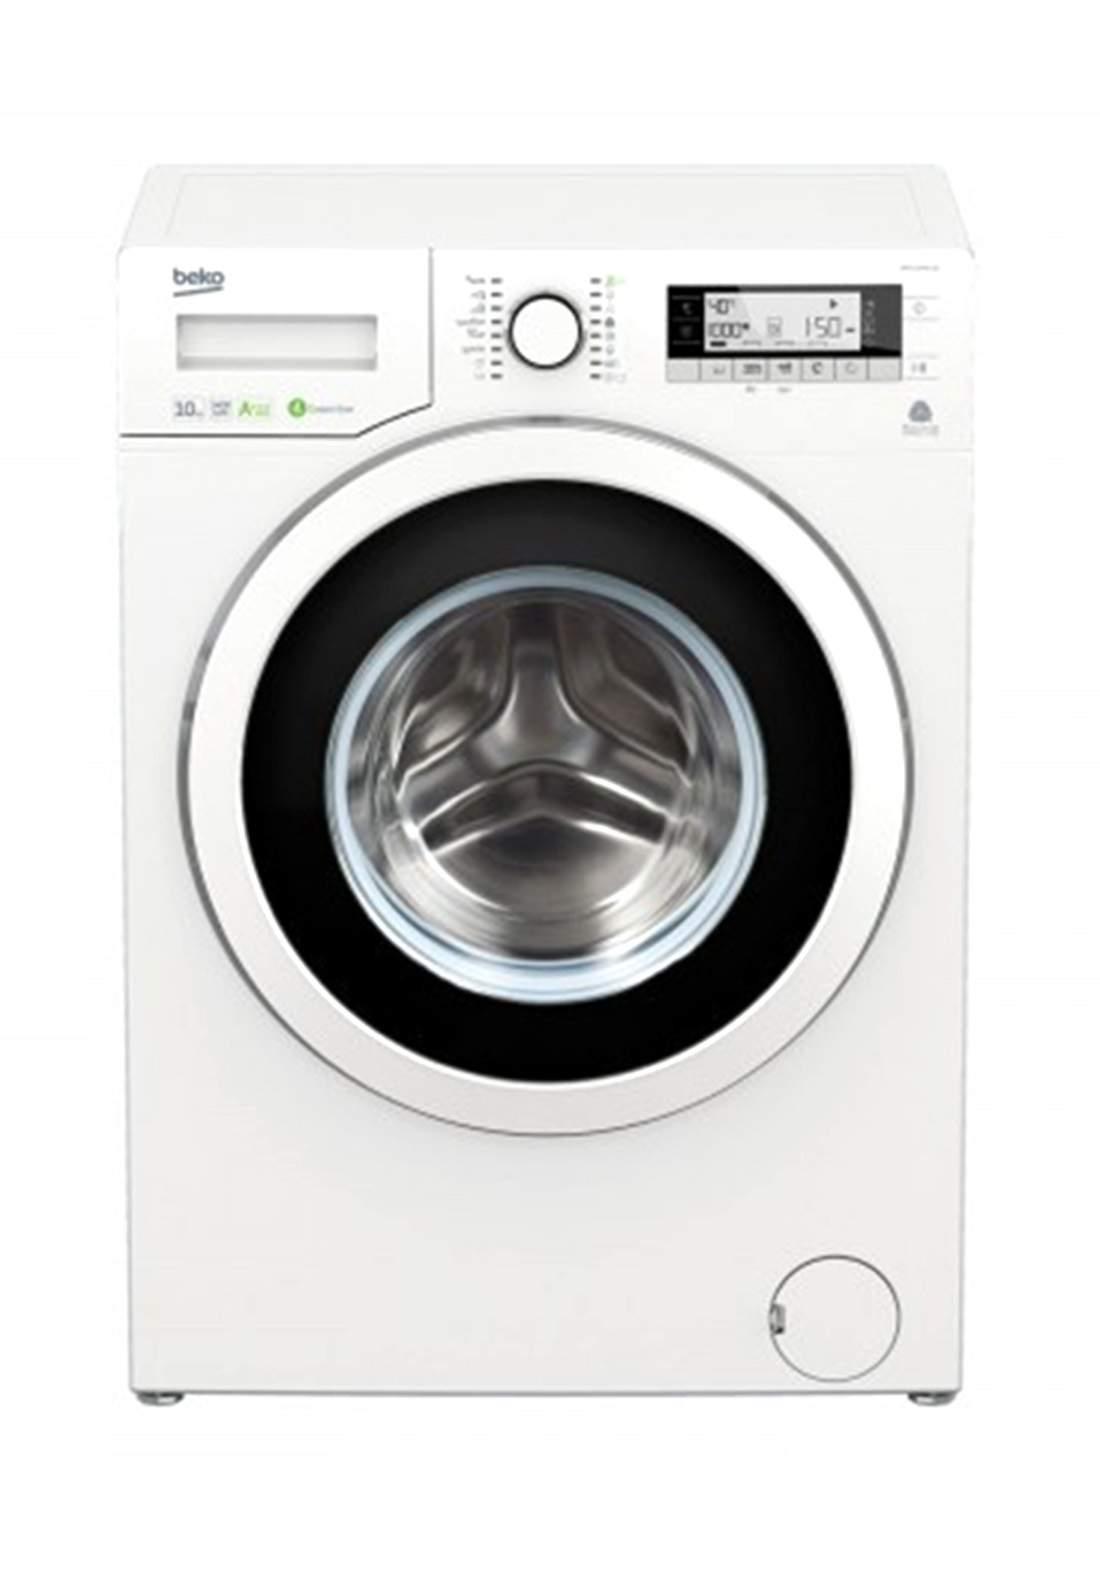 Beko   WMY 101444 LB3 Freestanding Washing Machine 10 kg - White غسالة أوتماتيك